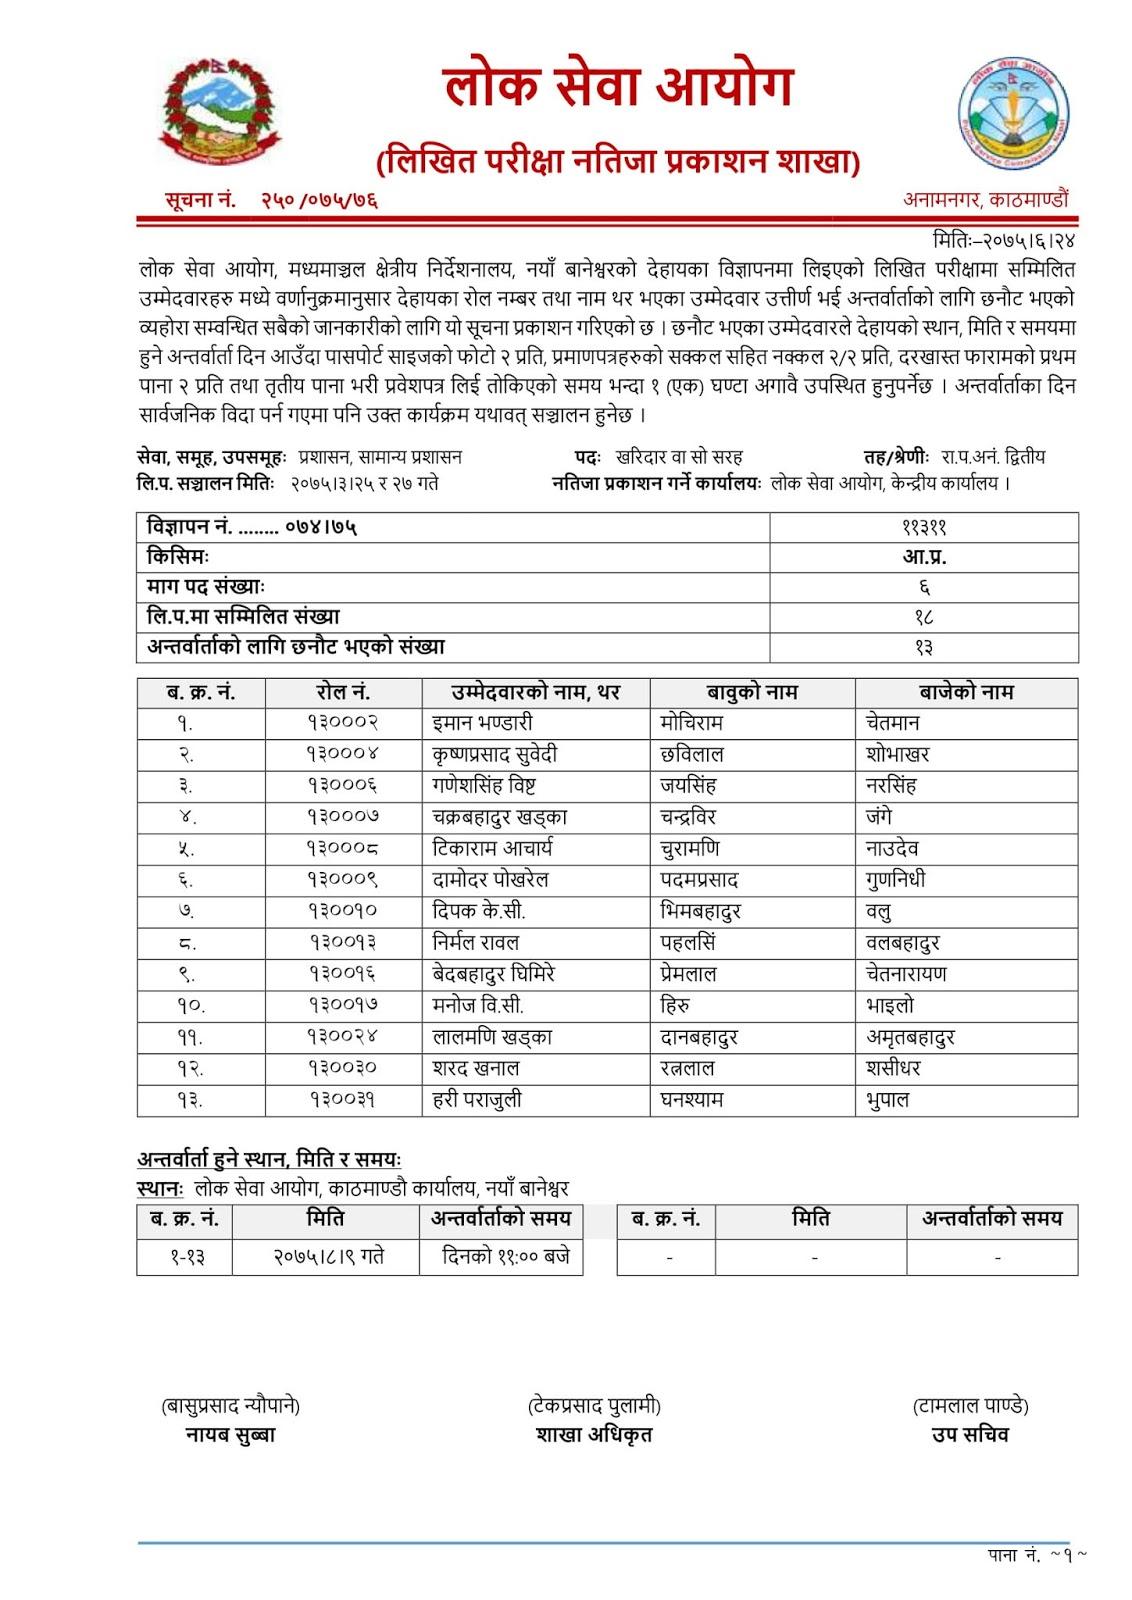 Kharidar Result Of Kathamandu 2075 Has Published Today